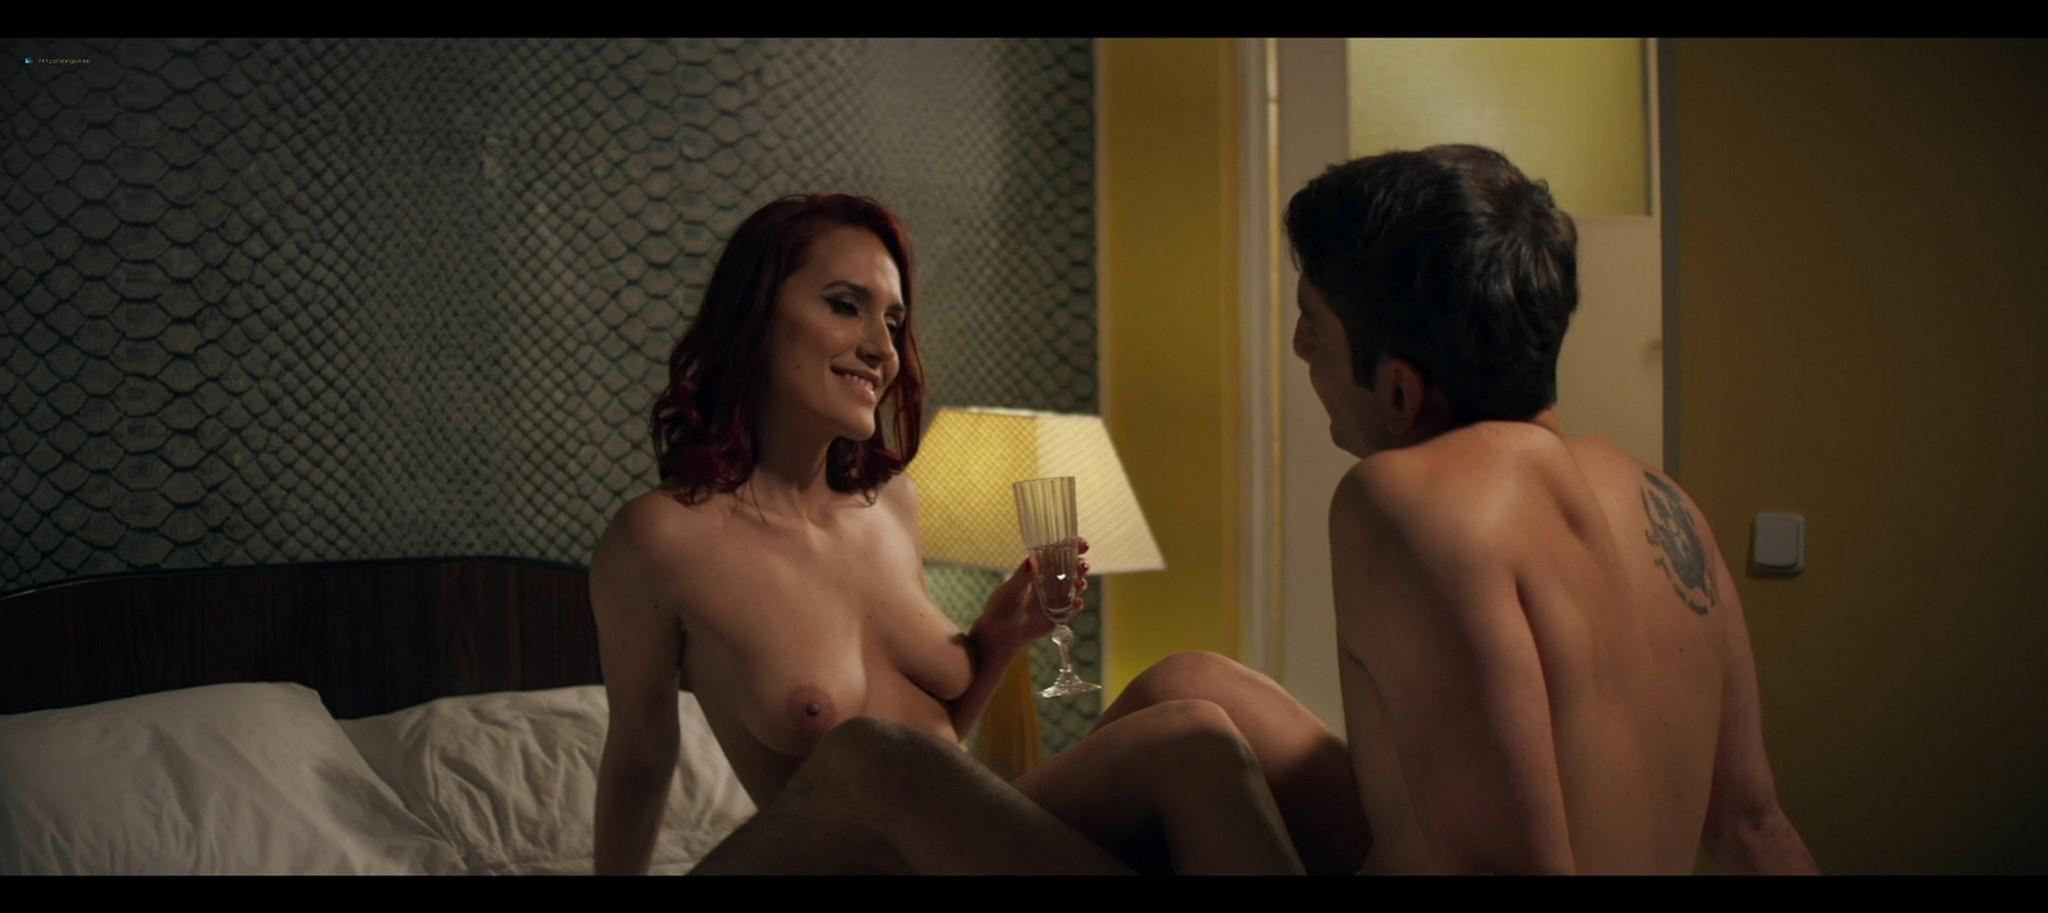 Michelle J Wright nude and sex Gabriela Brinza nude sex Introspectum Motel 2021 1080p Web 5